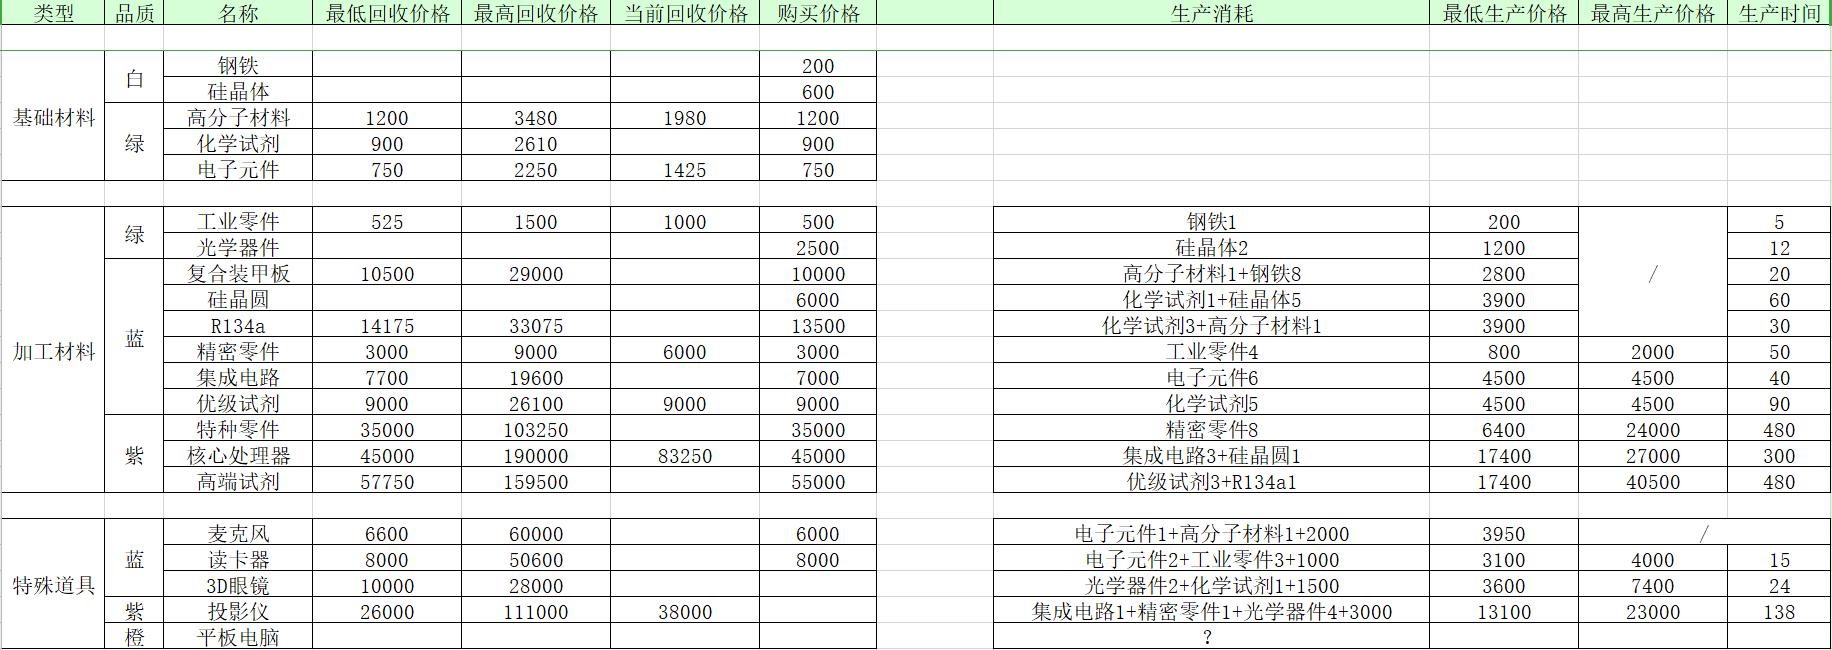 魂器学院有关材料制作和回收一览表